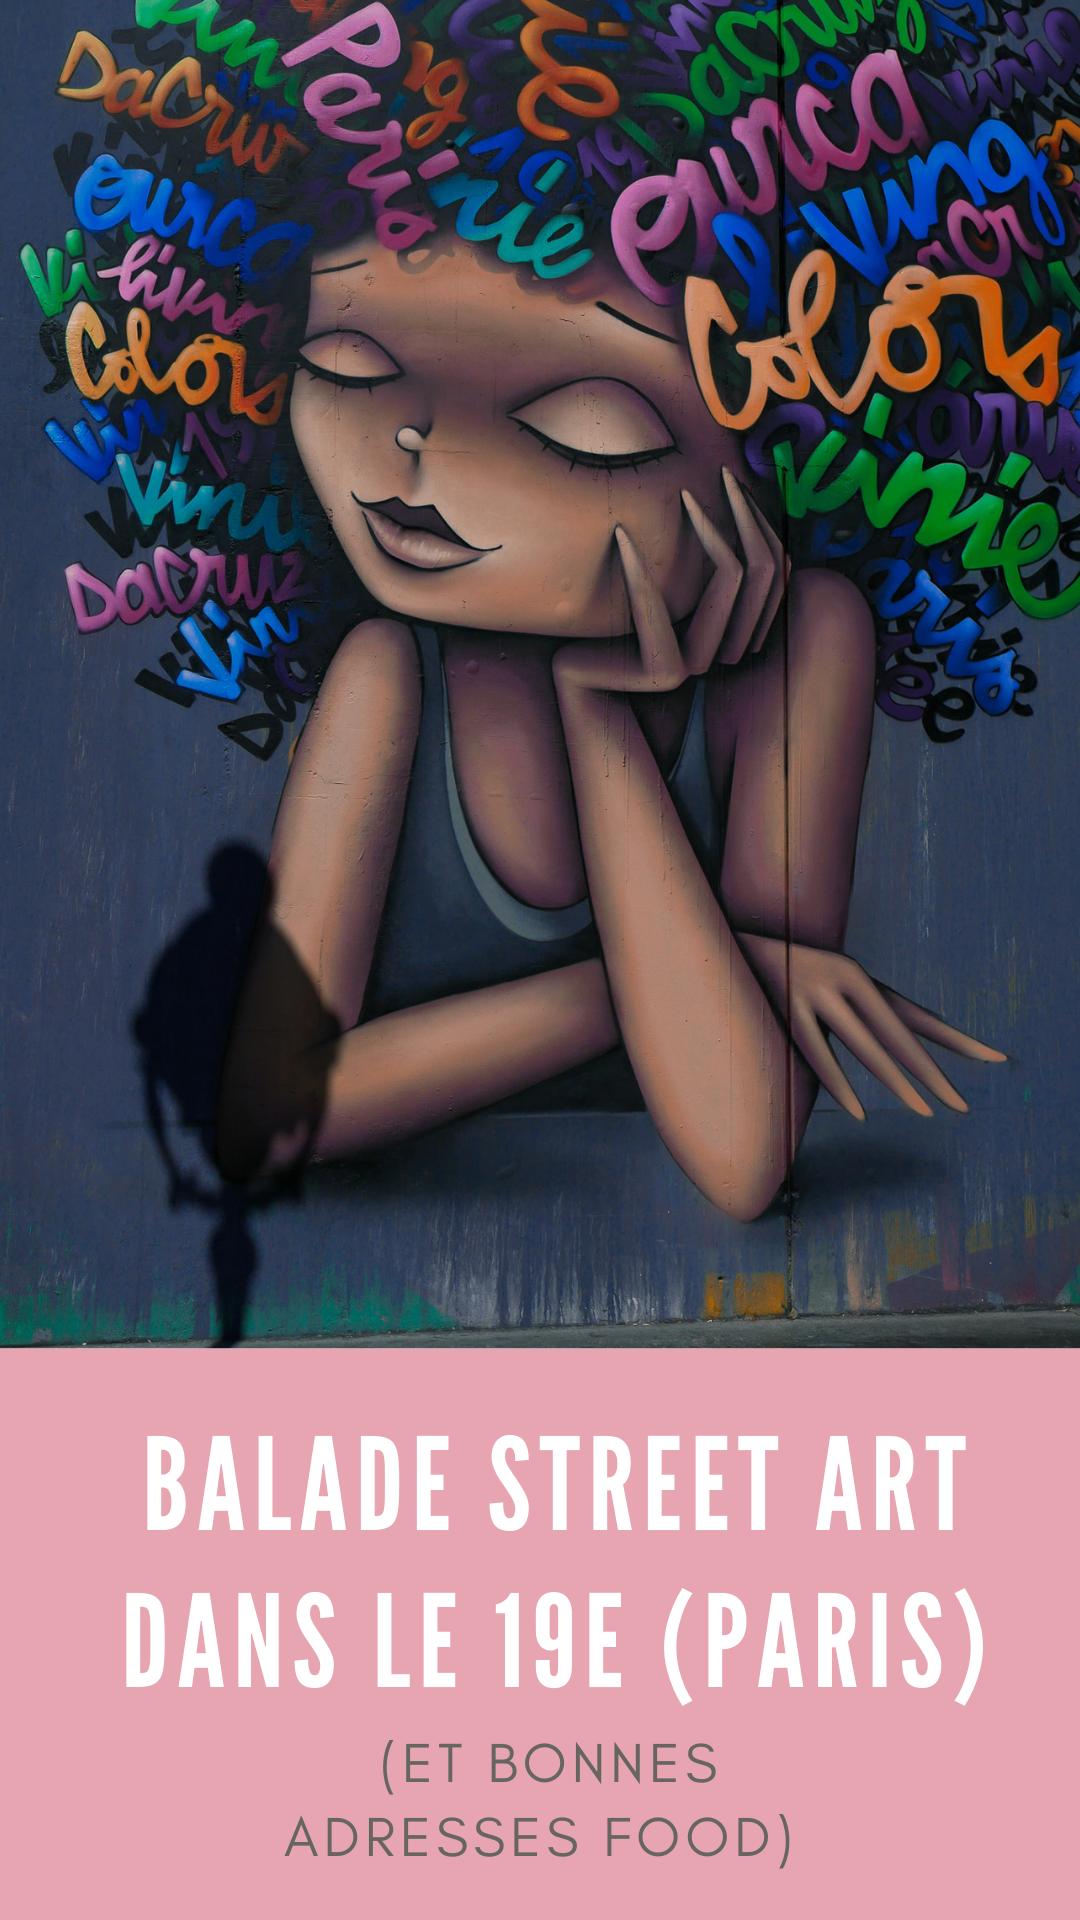 balade street art et bonnes adresses restos dans le 19e